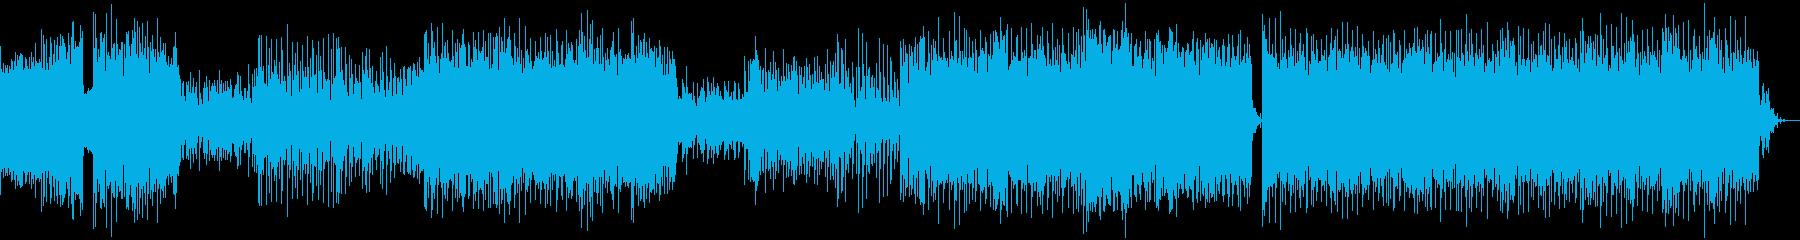 切ない雰囲気が漂うデジタル BGMの再生済みの波形